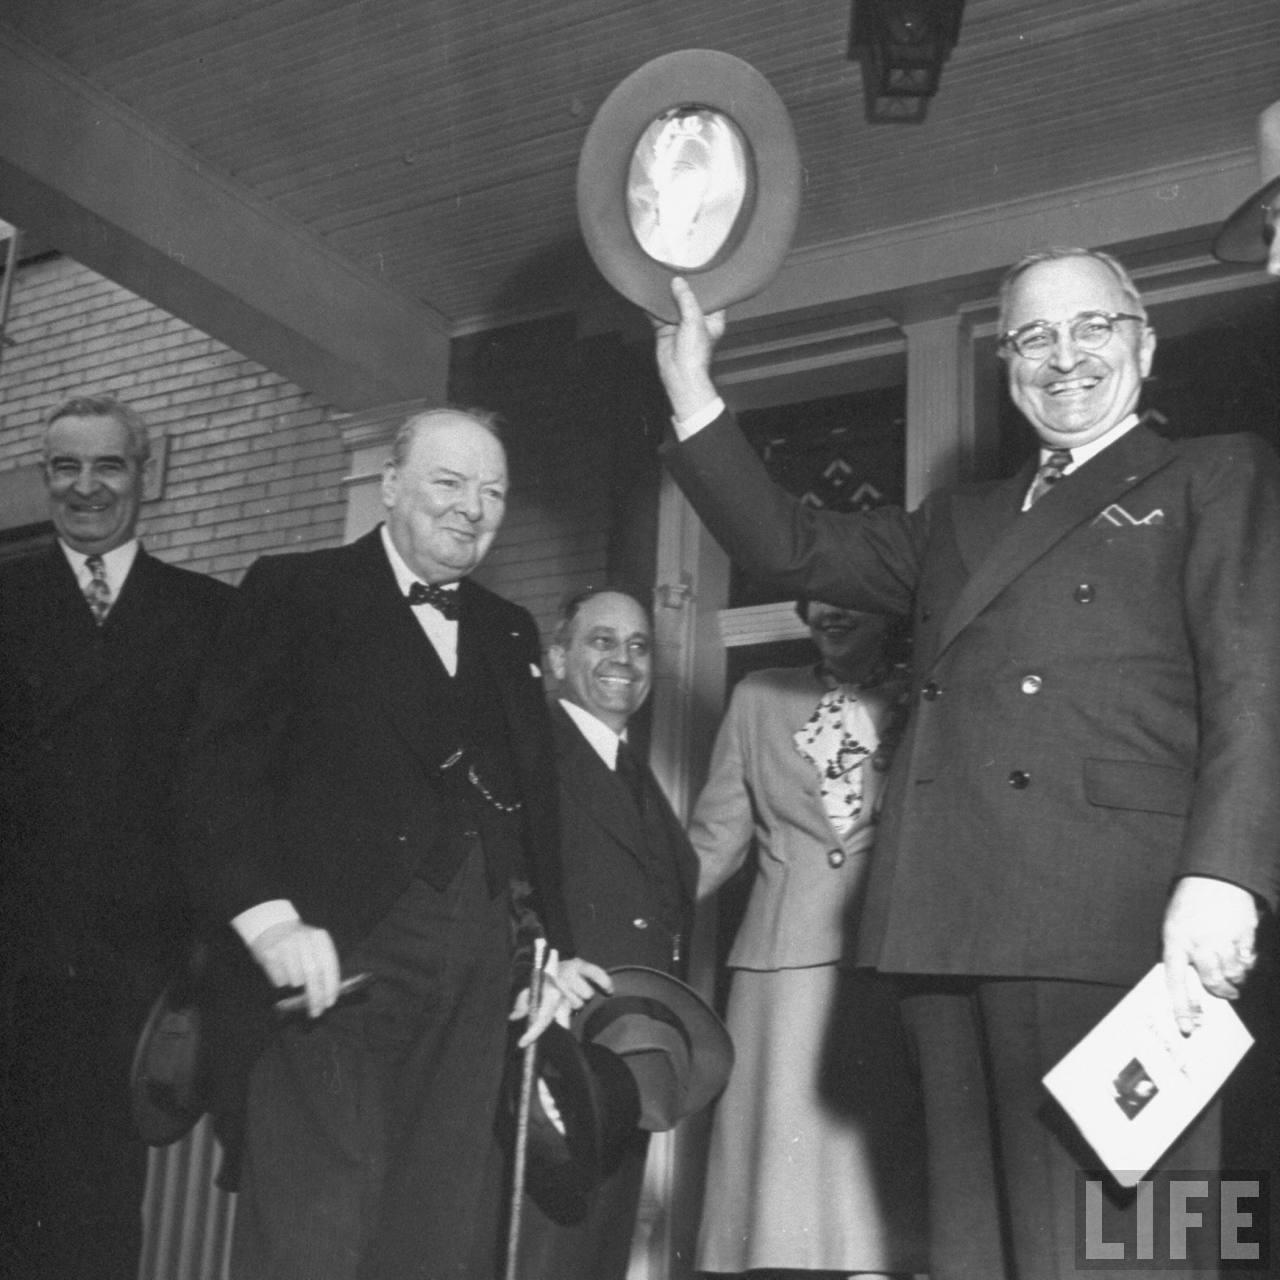 The iron curtain speech - Churchill S Iron Curtain Speech